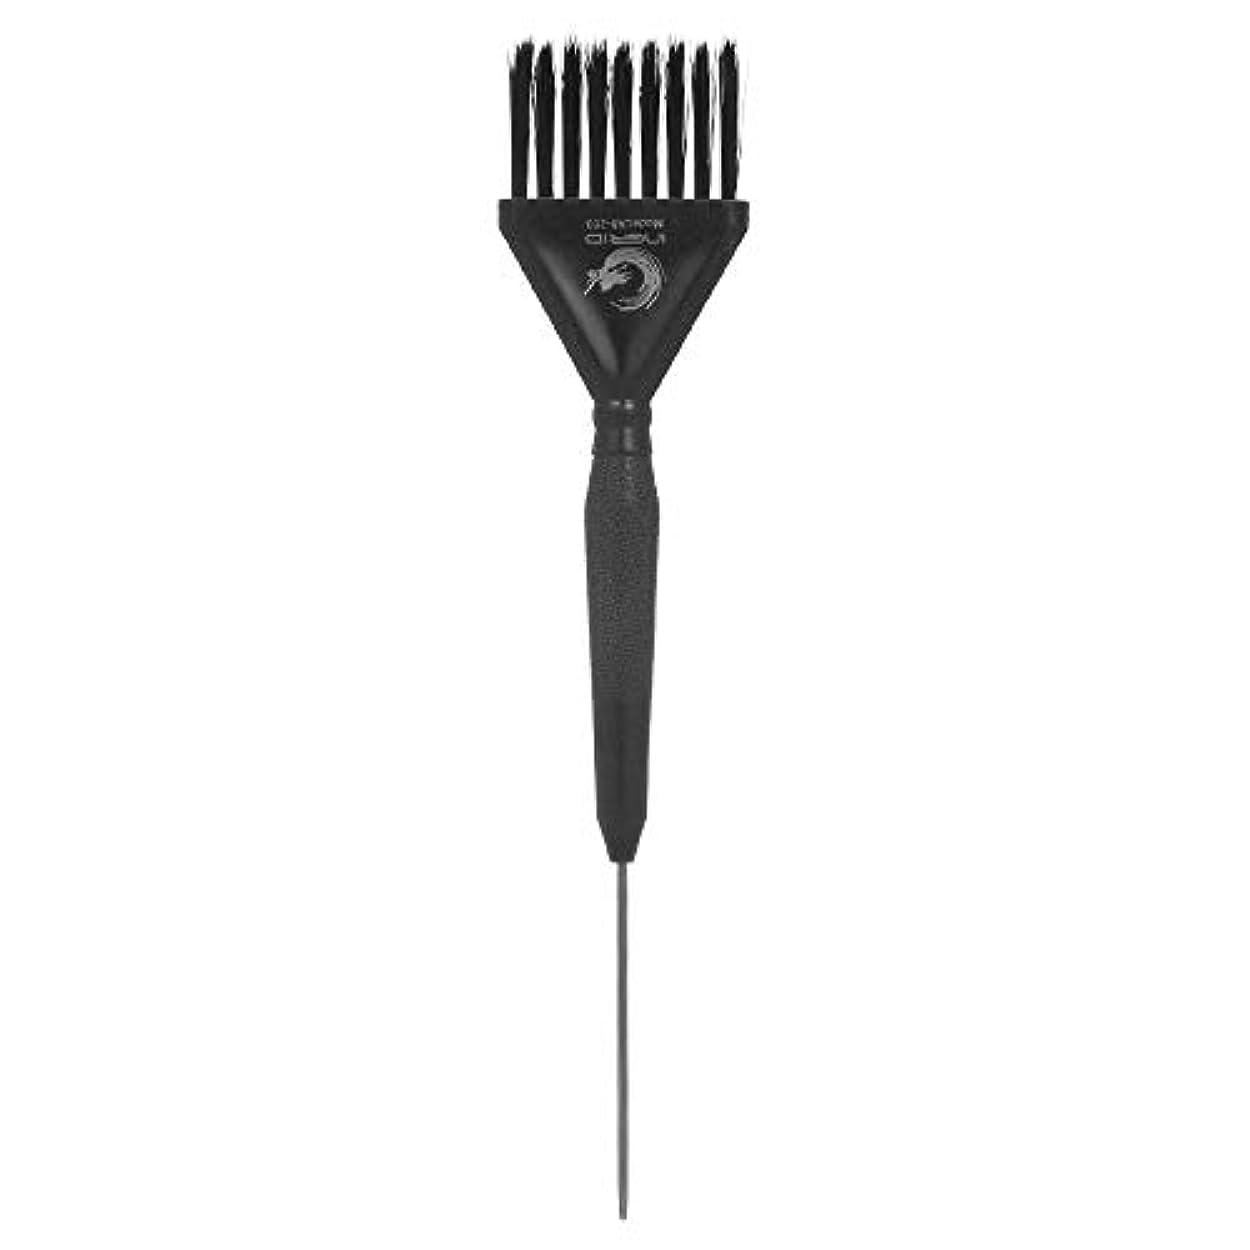 嵐の言い換えるとマークされたDecdeal 染毛ブラシ ヘアダイブラシ プロ用 DIY 髪染め用 サロン 美髪師用 ヘアカラーの用具